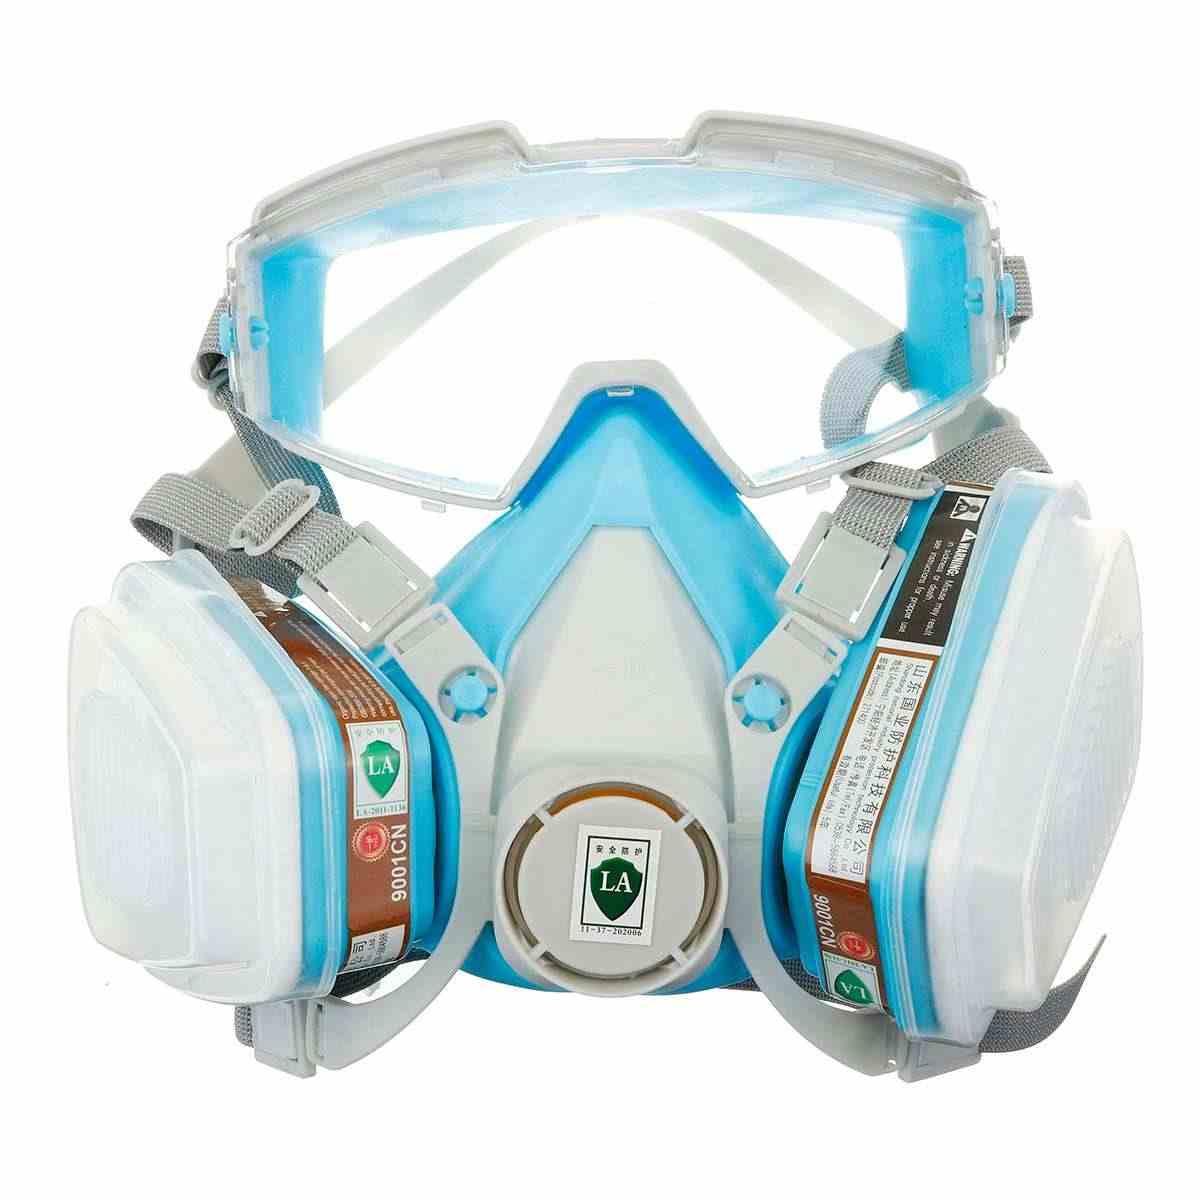 سيليكون كامل الوجه تنفس قناع واقي من الغاز نظارات شاملة غطاء الطلاء الكيميائية المبيدات قناع مكافحة الغبار قناع واقٍ